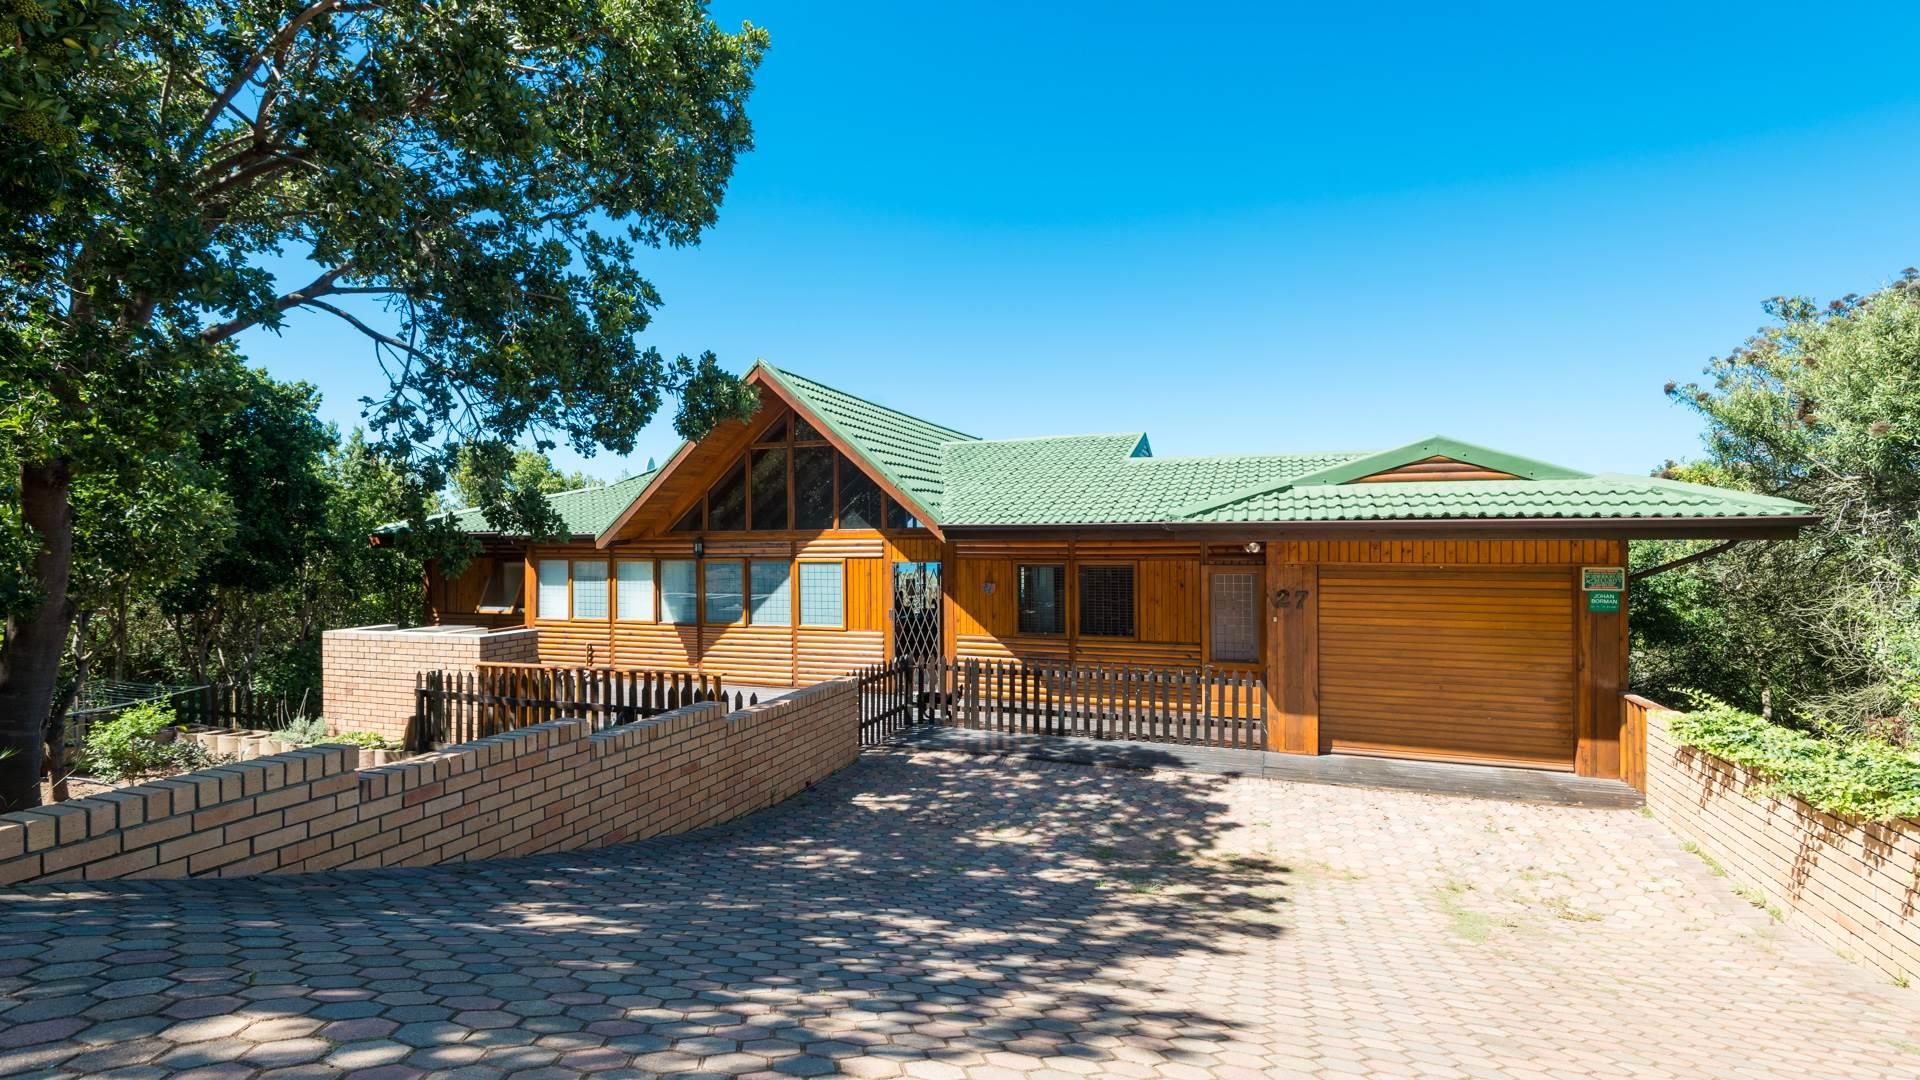 3 BedroomHouse For Sale In Glentana